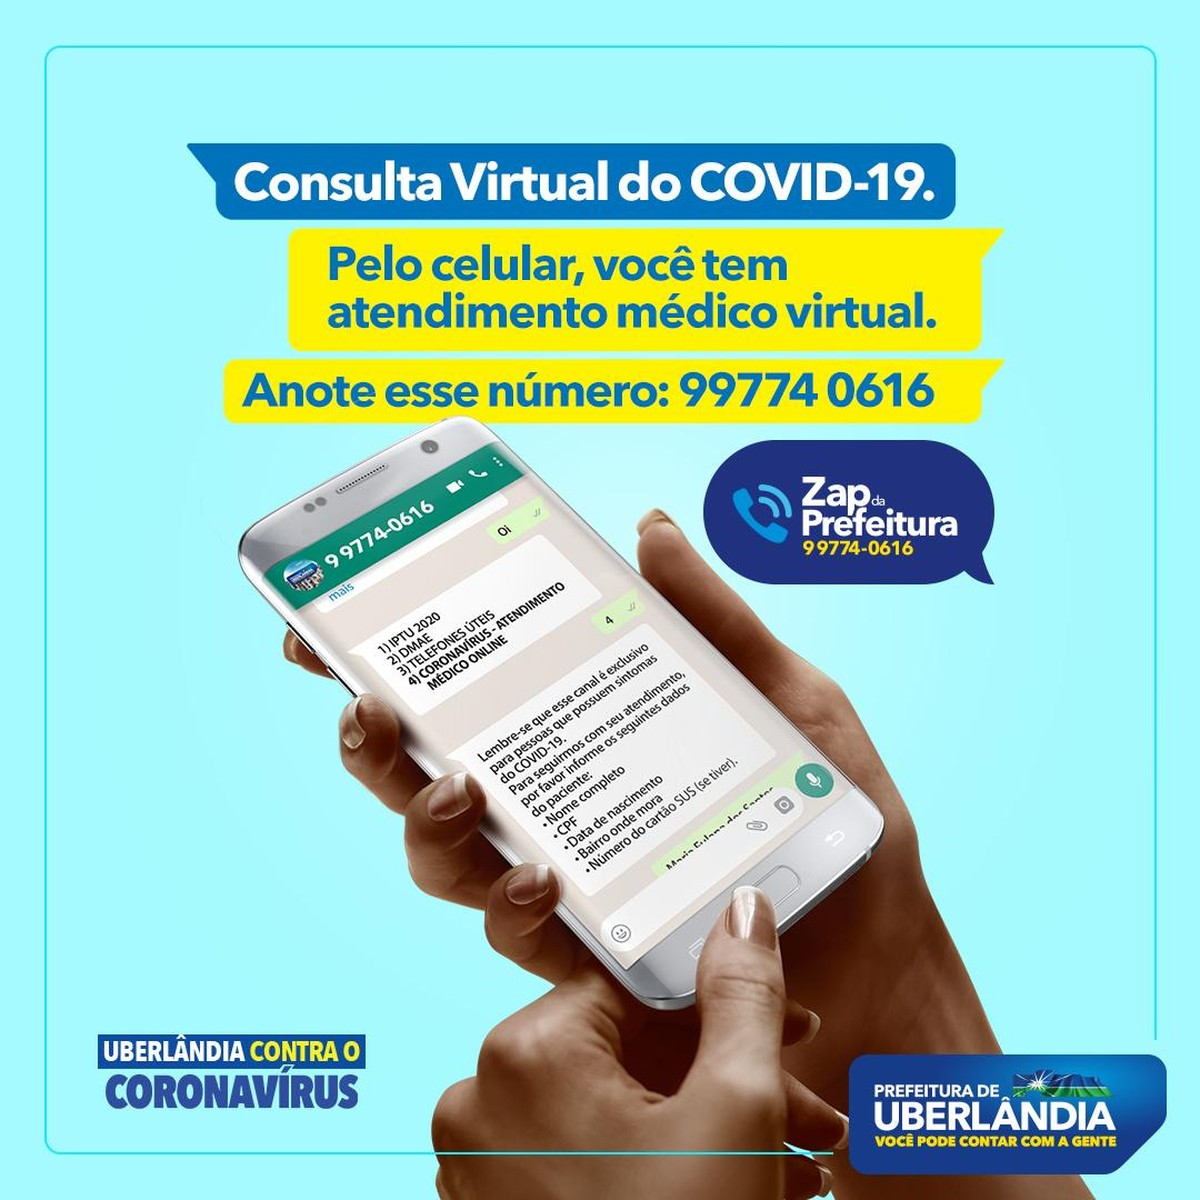 Coronavírus: Prefeitura de Uberlândia cria atendimento médico virtual para  evitar aglomerações em unidades de saúde   Triângulo Mineiro